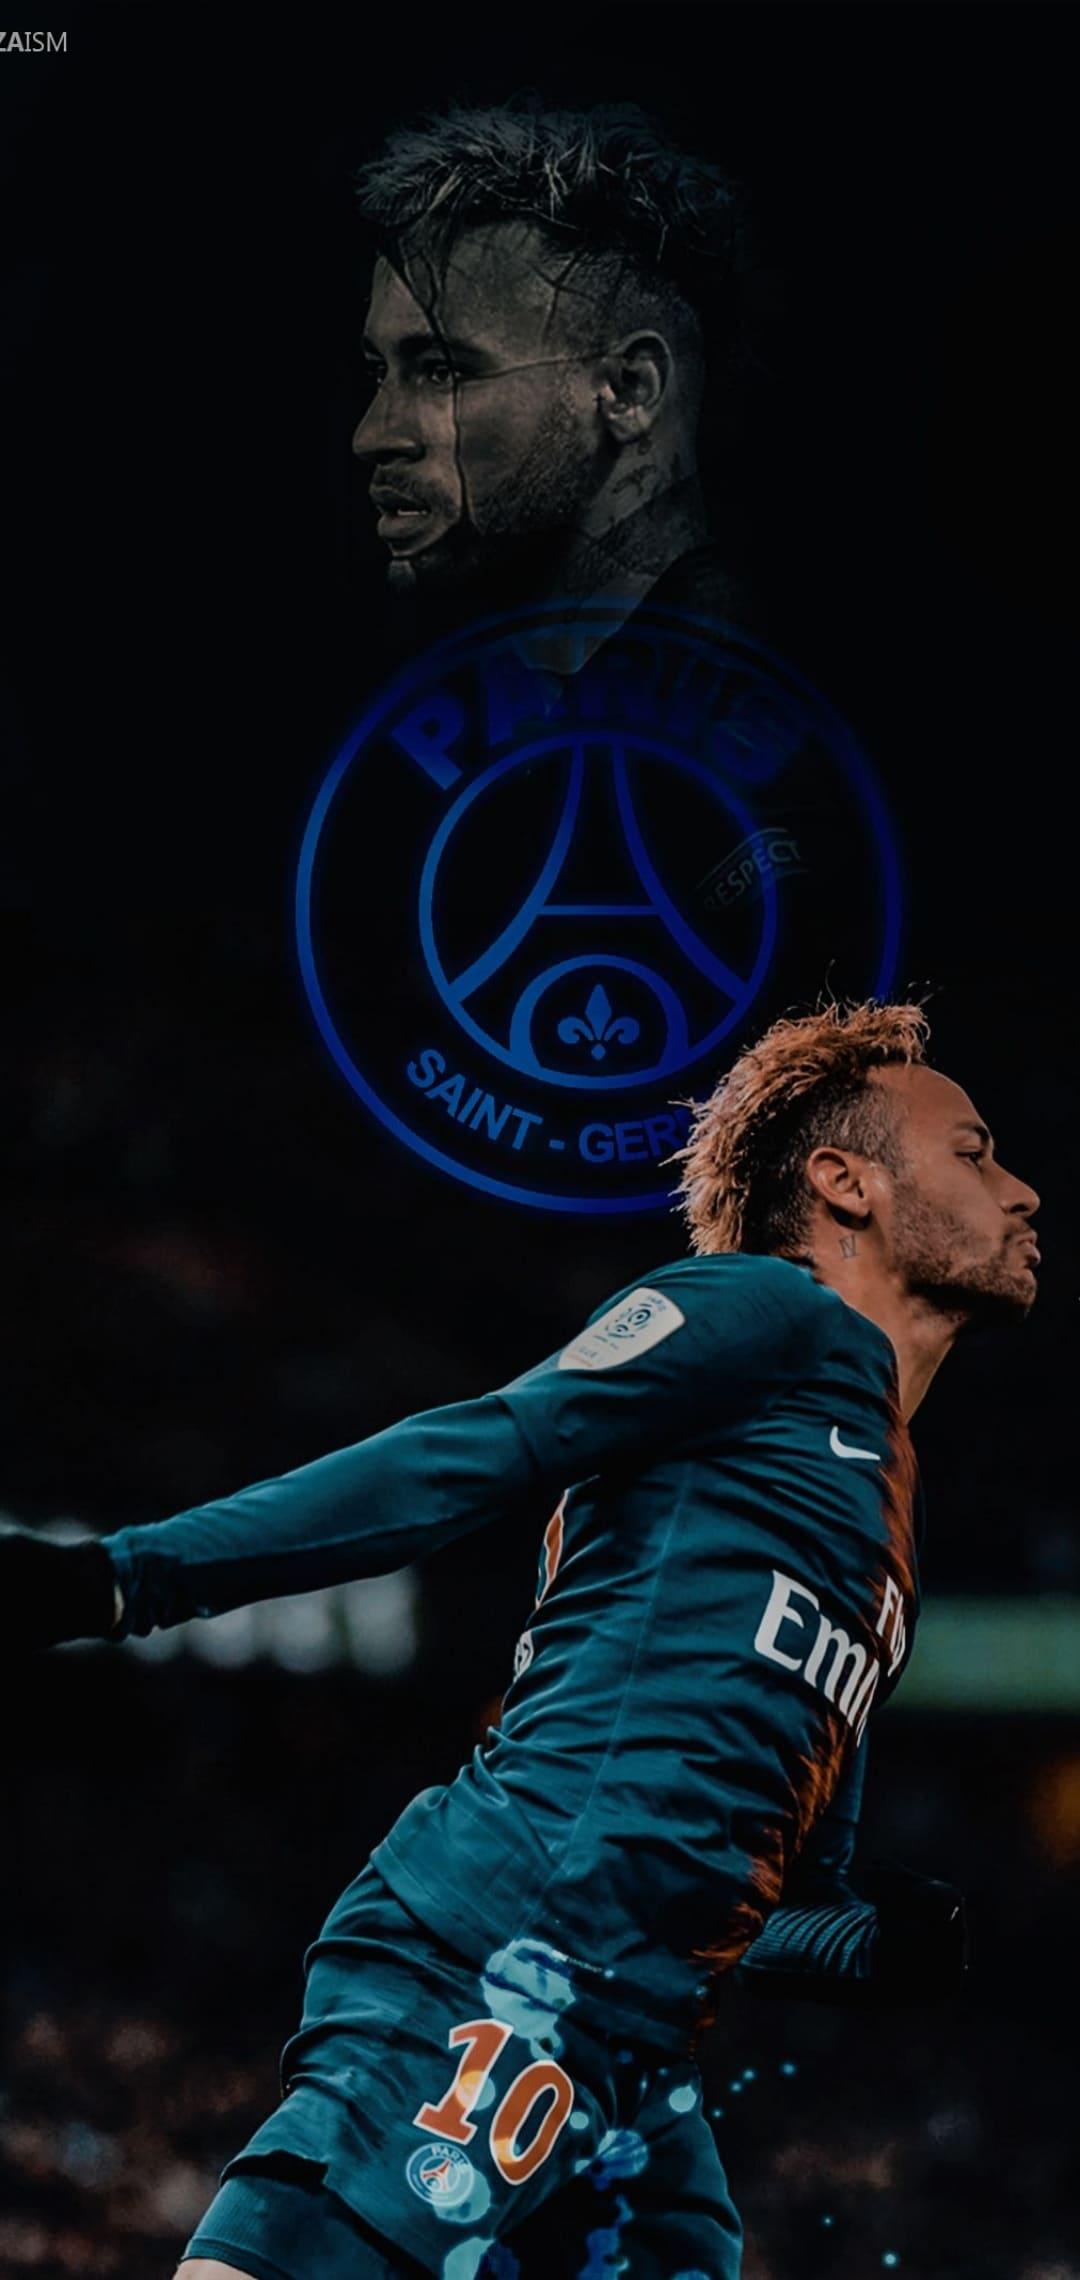 4k hd neymar wallpaper 2020